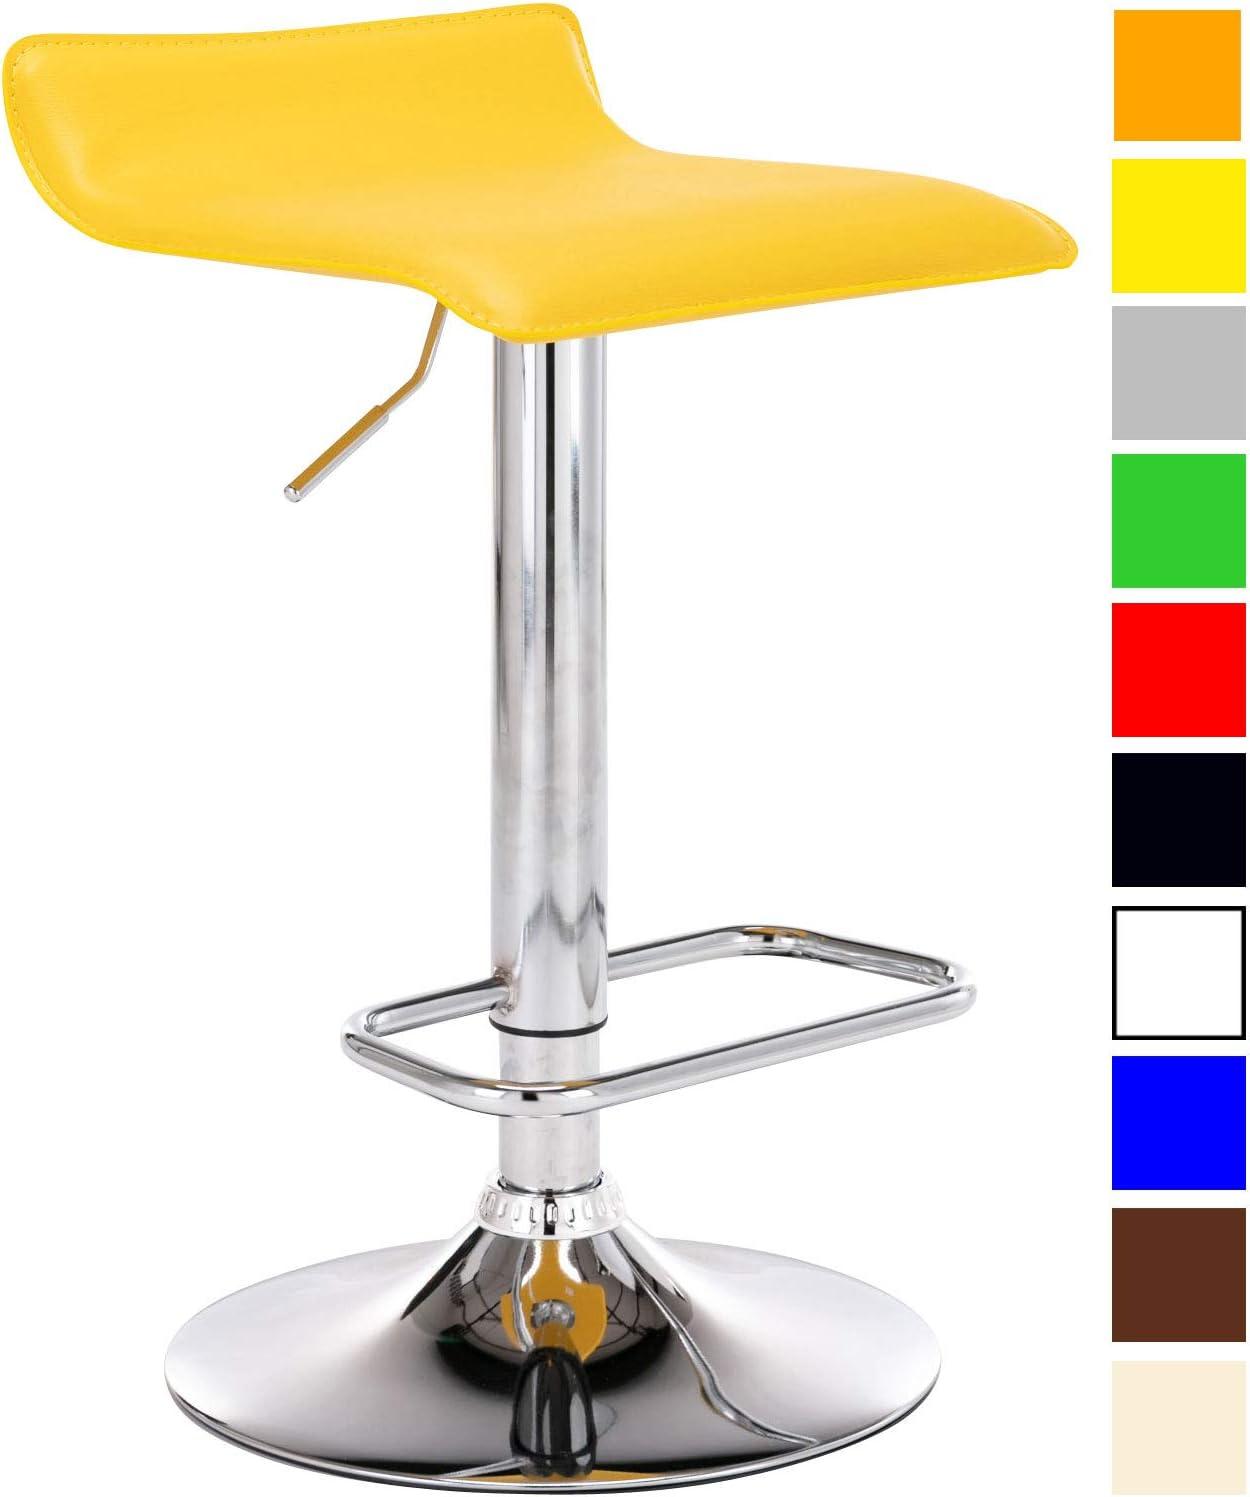 Taburete Dyn En Cuero Sint/ético I Silla Alta De Bar Regulable en Altura /& Giratorio I Taburete Alto con Reposapi/és I Color: Color:Amarillo